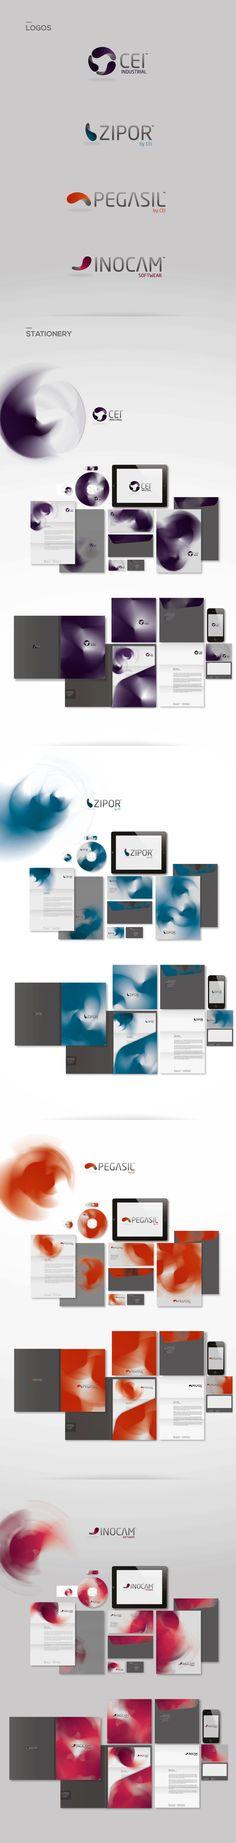 CEI GROUP by NOMAD design bureau, via Behance